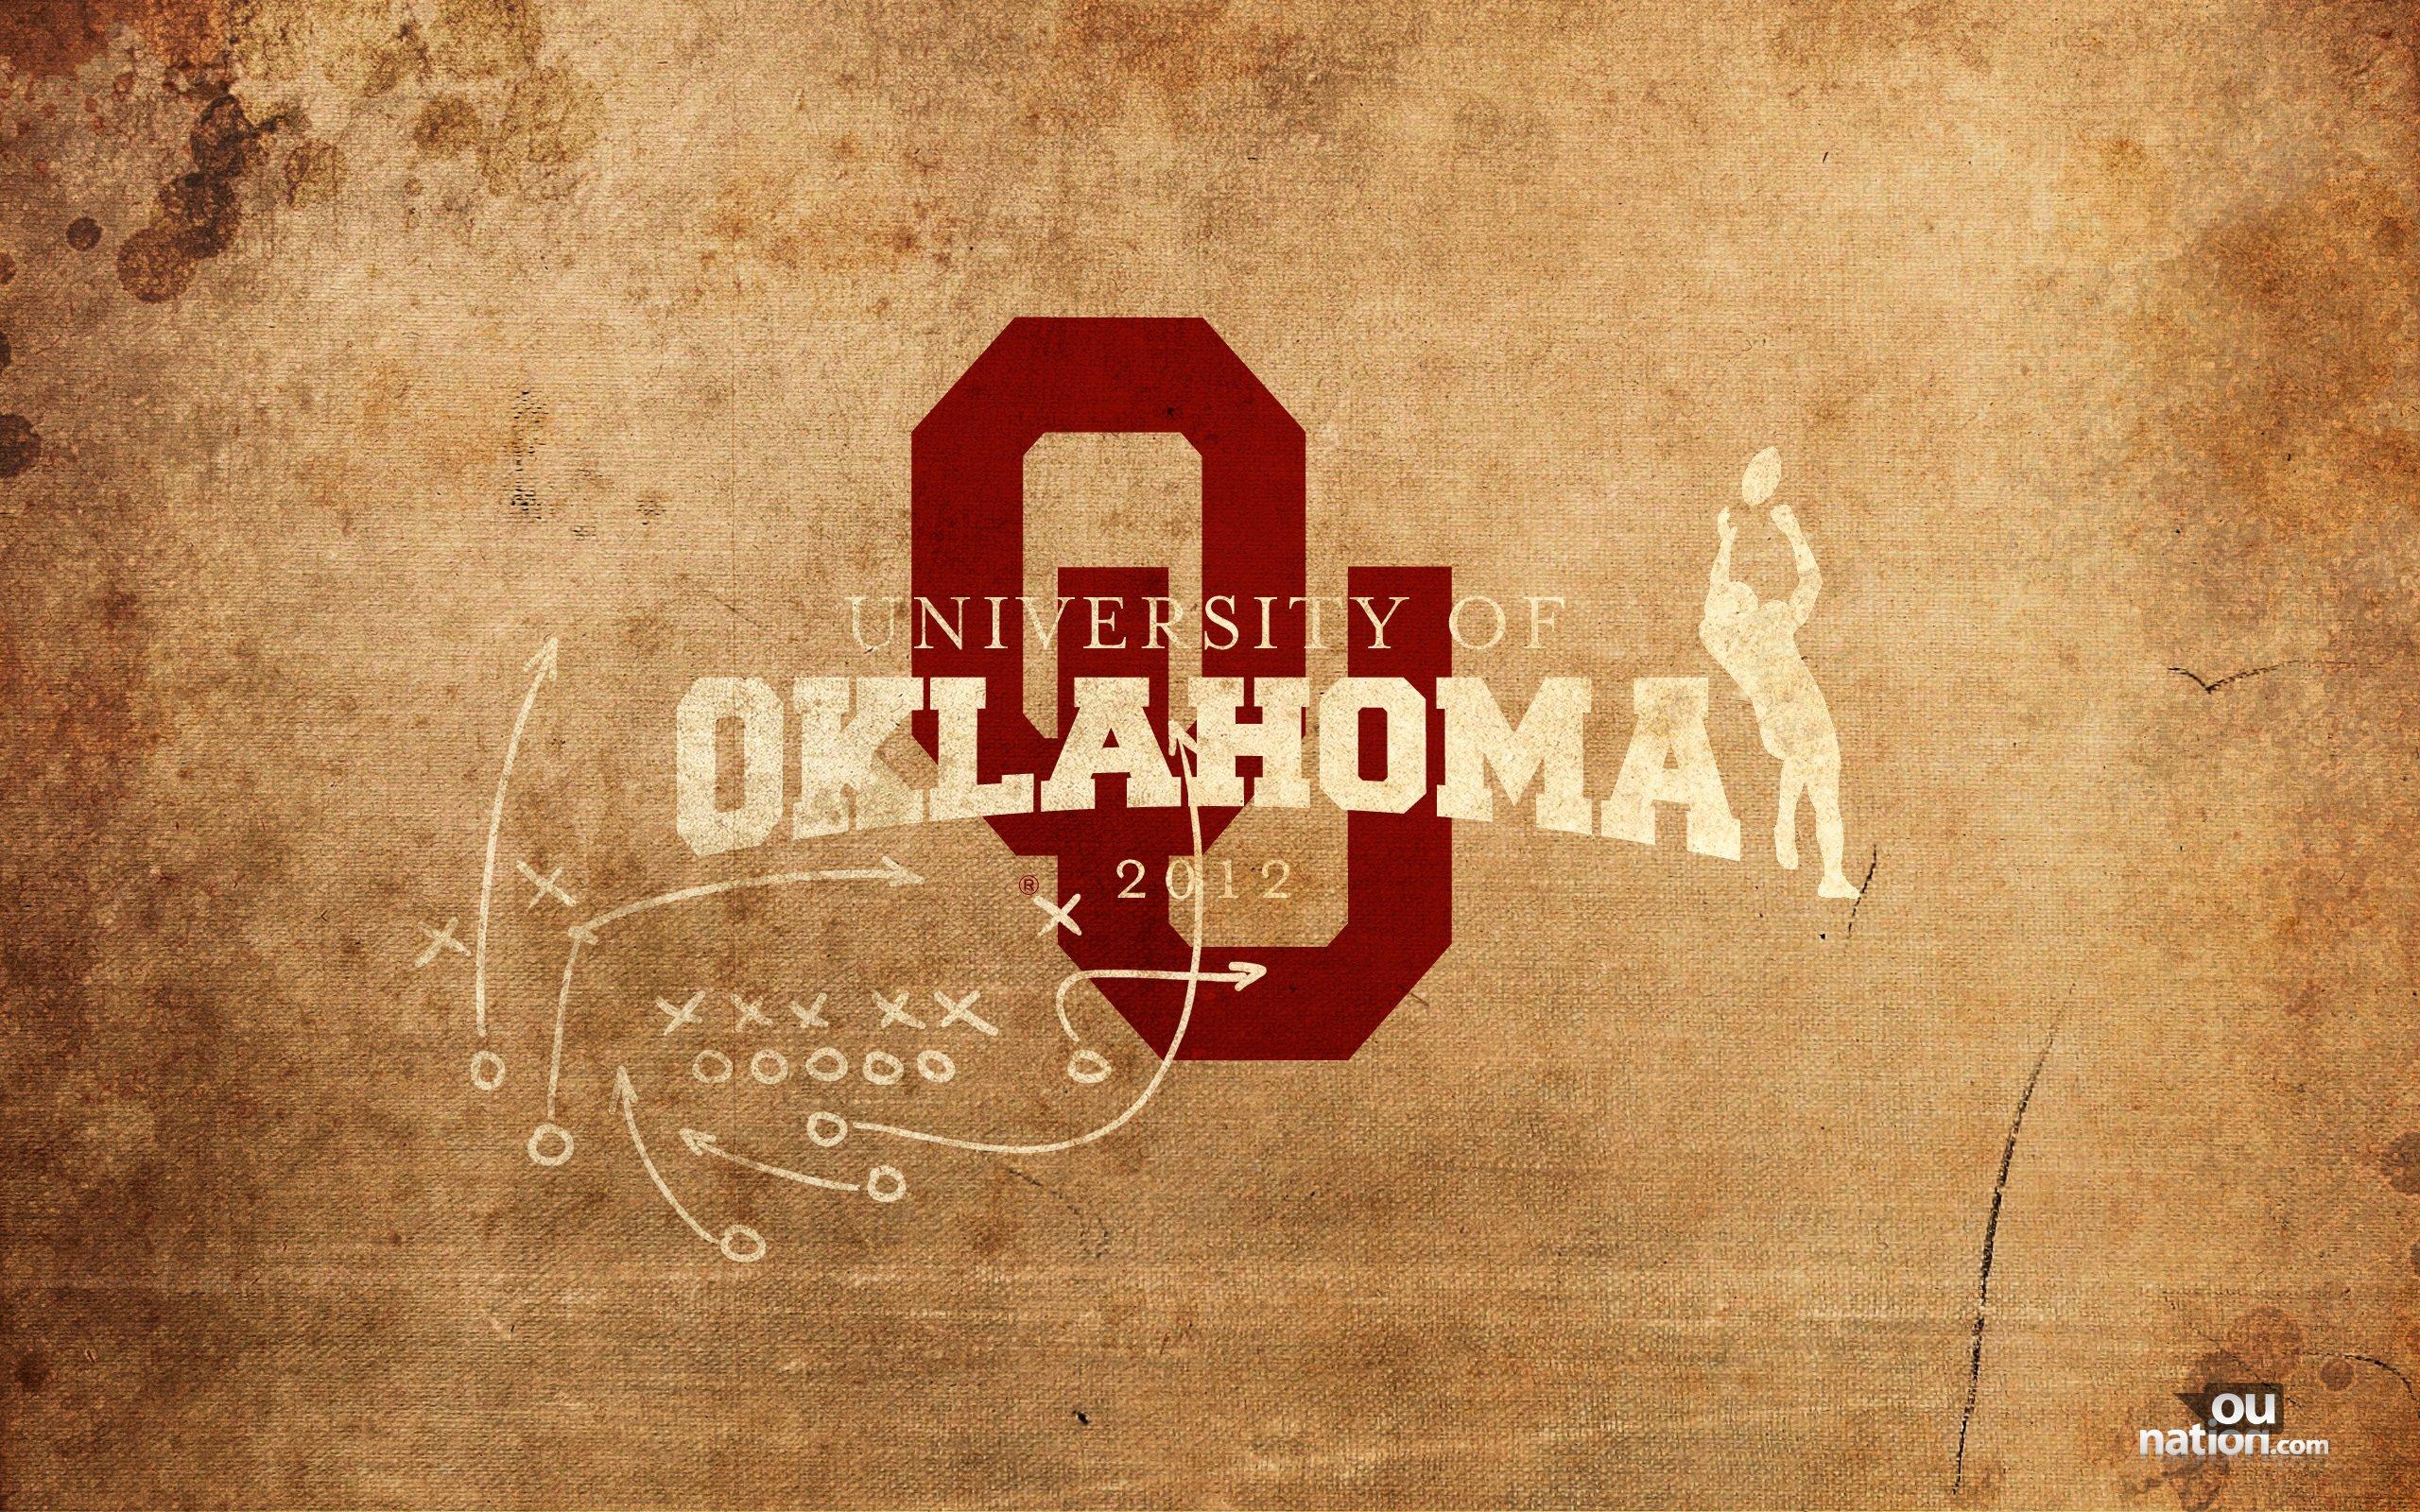 Oklahoma Sooners Wallpaper For Iphone Wallpapersafari HD Wallpapers Download Free Images Wallpaper [1000image.com]